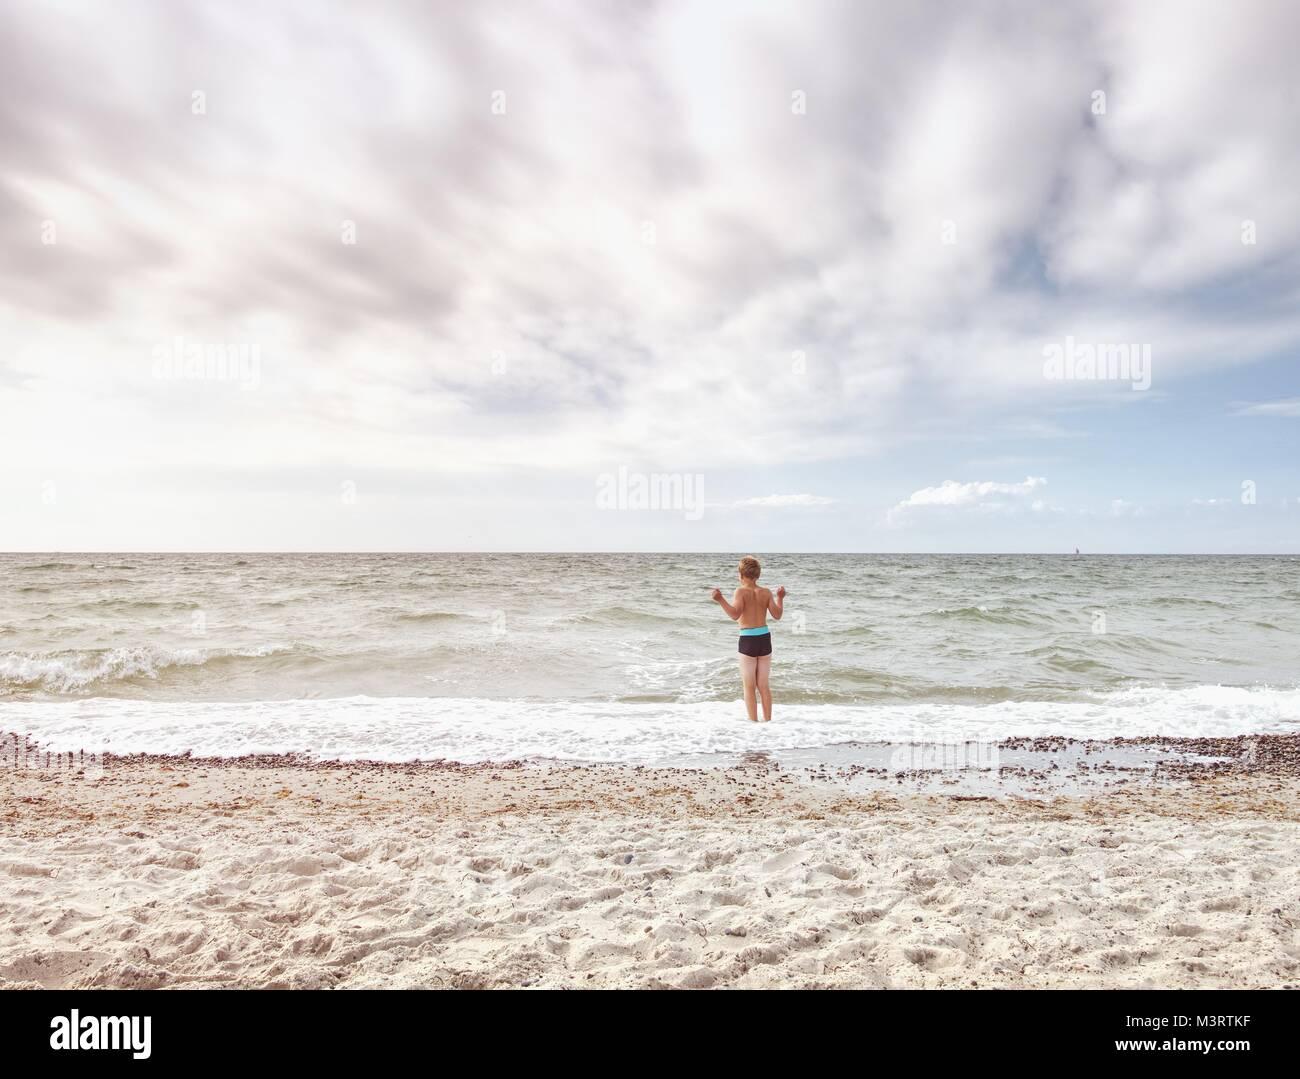 Garçon aux cheveux blonds séjour en mer froide Tide. Gosse sur plage de galets avec des vagues écumeuses. Photo Stock